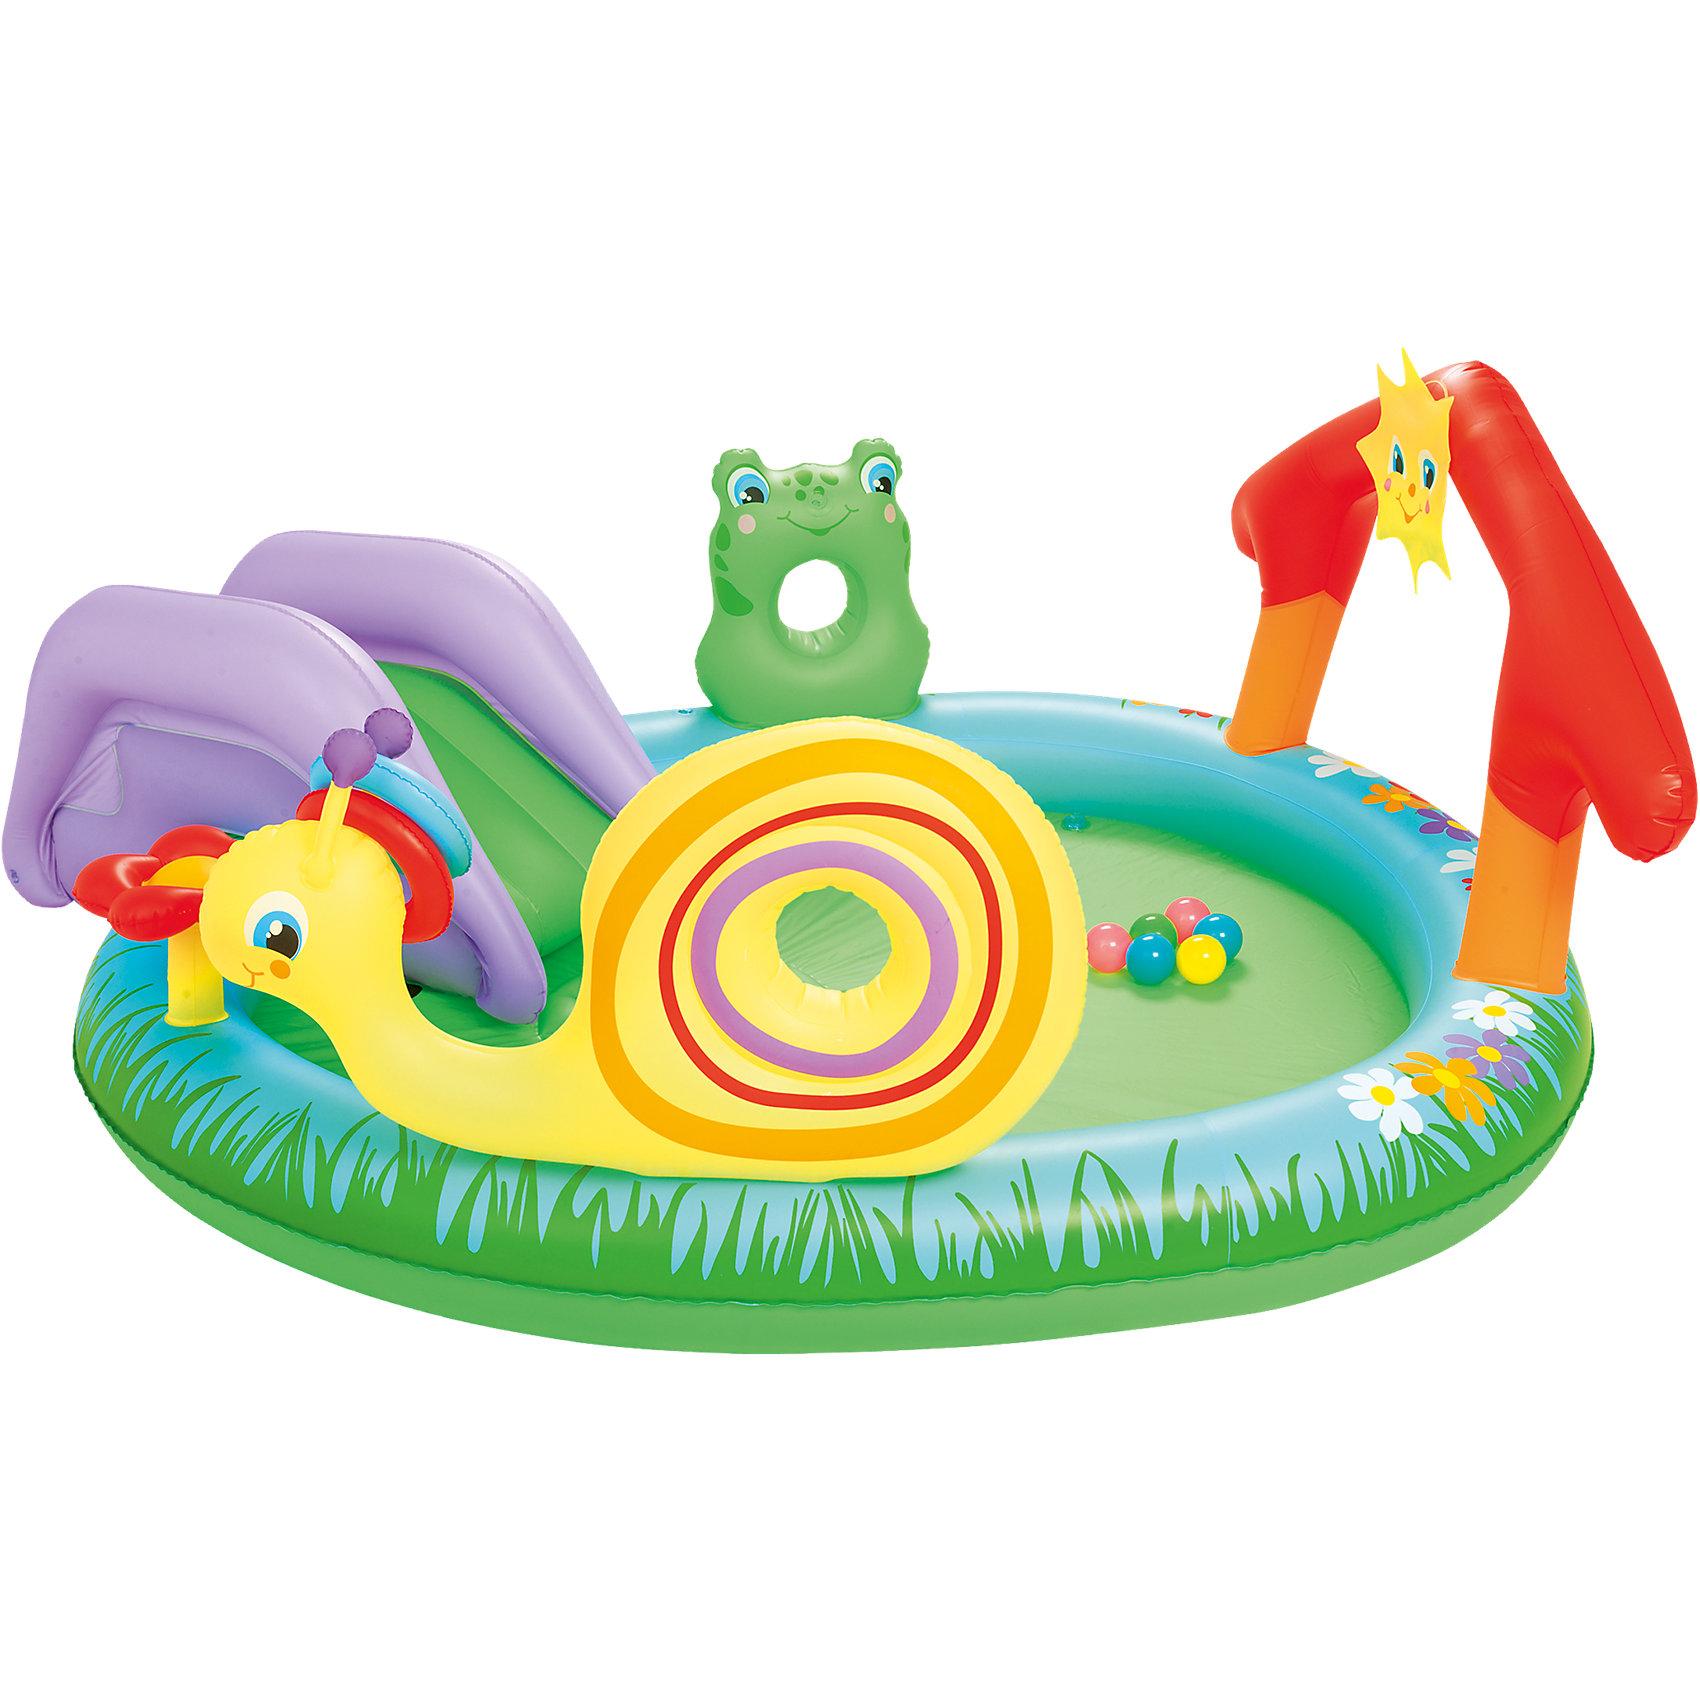 Игровой бассейн с брызгалкой и принадлежностями для игр, BestwayБассейны<br>Игровой бассейн, Bestway, со множеством игровых возможностей - это отличное детское развлечение в жаркие летние дни. Надувной бассейн изготовлен из прочного материала ПВХ, который способен выдерживать большие нагрузки и вмещает в себя сразу несколько детей. Помимо плескания в воде, ребенок найдет здесь разнообразные веселые развлечения - съемную надувную горку с перилами, с которой можно скатываться прямо в воду и брызгалку в виде зеленой лягушки, которая подключается к садовому шлангу. К бортику крепятся забавные надувные игрушки - яркая улитка с домиком-ракушкой, цветочек и красочные ворота с солнышком. В комплект также входят небольшие мячики. Бассейн легко надувается при помощи насоса (в комплект не входит!). Рассчитан на детей от 2 лет.<br><br>Дополнительная информация:<br><br>- В комплекте: бассейн, съемная горка, надувные аксессуары (игрушки, шарики).<br>- Материал: ПВХ.<br>- Объем: 144 л.<br>- Размер бассейна: 211 x 155 x 81 см.<br>- Размер упаковки: 40,8 х 39,9 х 11,1 см.<br>- Вес: 3,275 кг. <br><br>Игровой бассейн с брызгалкой и принадлежностями для игр, Bestway, можно купить в нашем интернет-магазине.<br><br>Ширина мм: 402<br>Глубина мм: 403<br>Высота мм: 112<br>Вес г: 3278<br>Возраст от месяцев: 24<br>Возраст до месяцев: 60<br>Пол: Унисекс<br>Возраст: Детский<br>SKU: 4292333